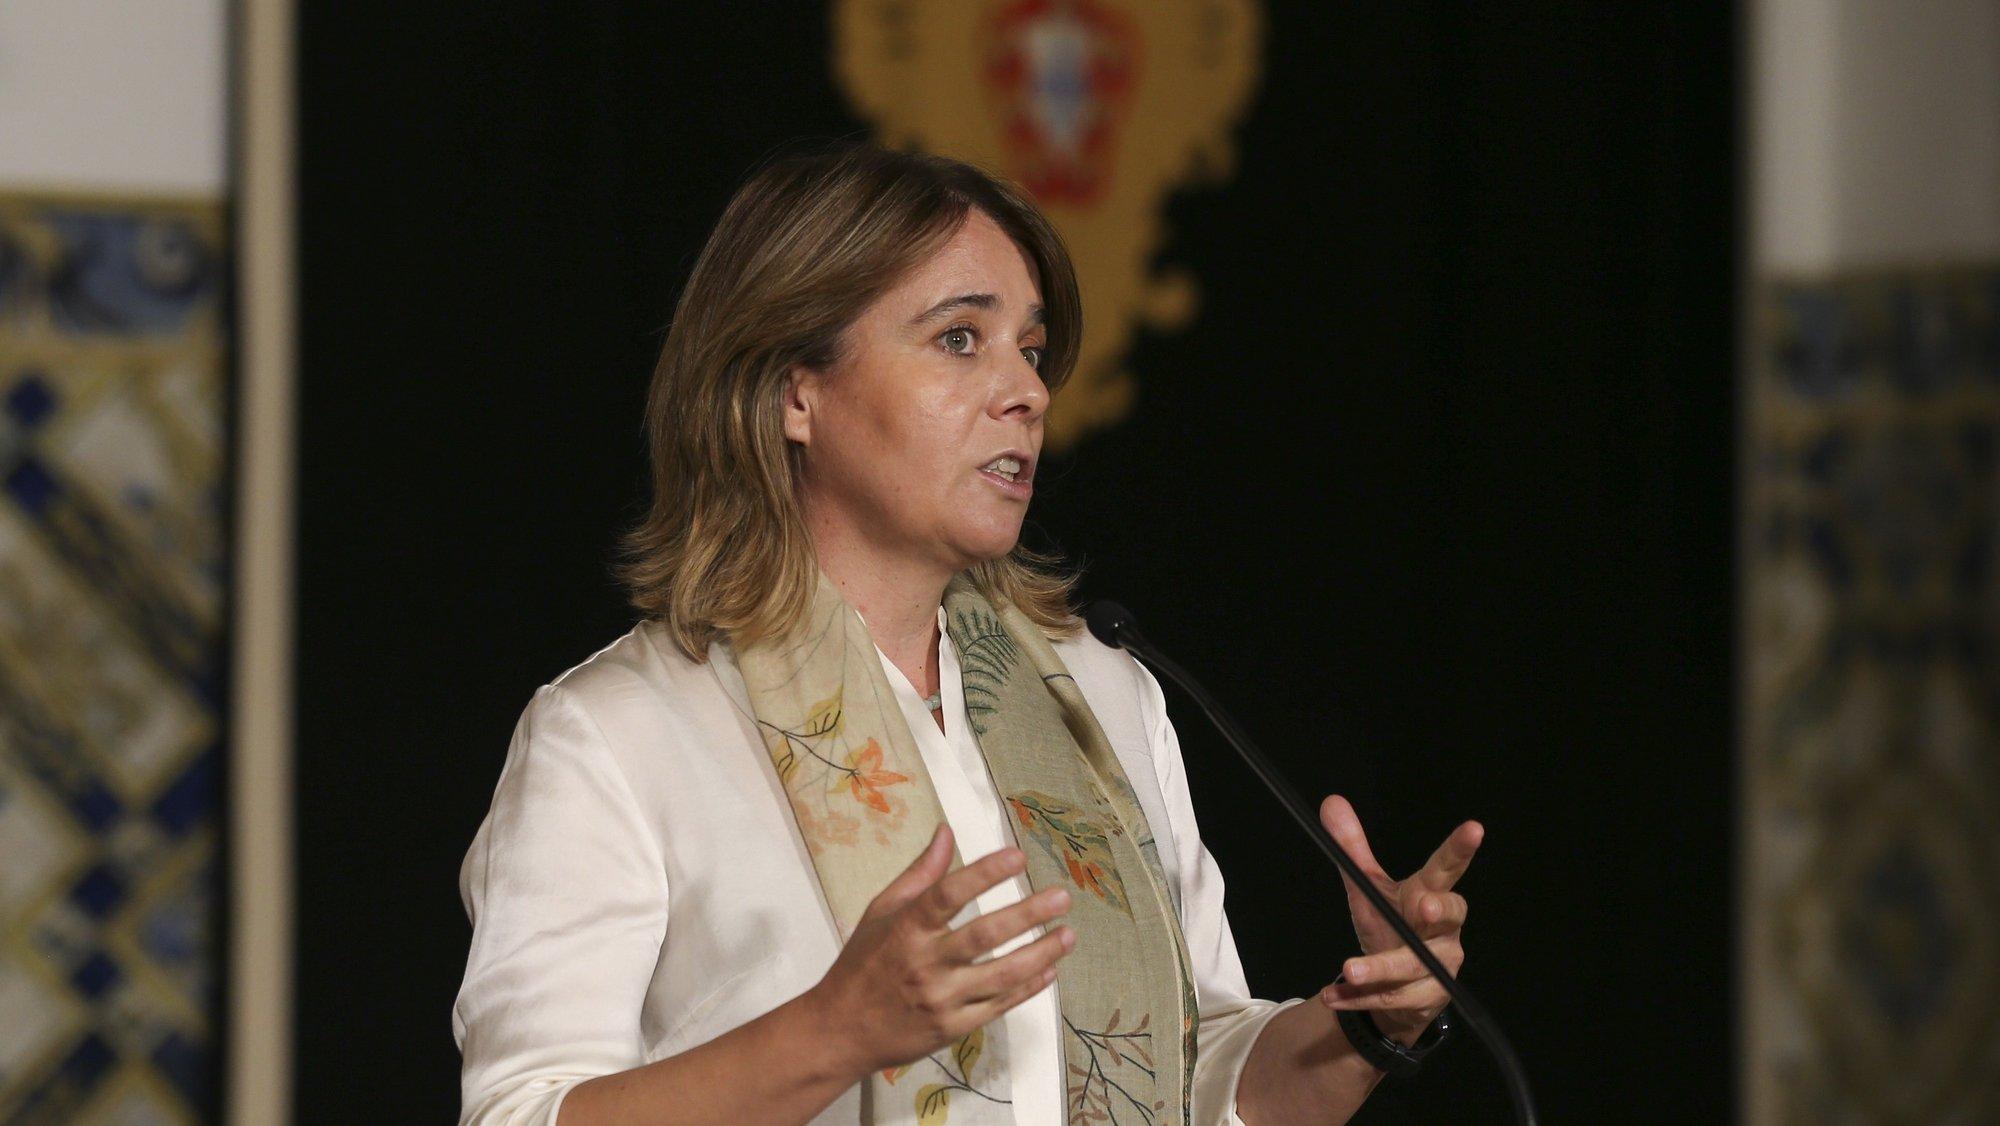 A coordenadora do Bloco de Esquerda (BE) , Catarina Martins, fala aos jornalistas à saída de uma audiência com o Presidente da República, Marcelo Rebelo de Sousa (ausente da fotografia), no âmbito dos encontros periódicos habituais e tendo em consideração a apresentação da proposta de lei de Orçamento do Estado 2022, Palácio de Belém, em Lisboa, 15 de outubro de 2021. MANUEL DE ALMEIDA/LUSA